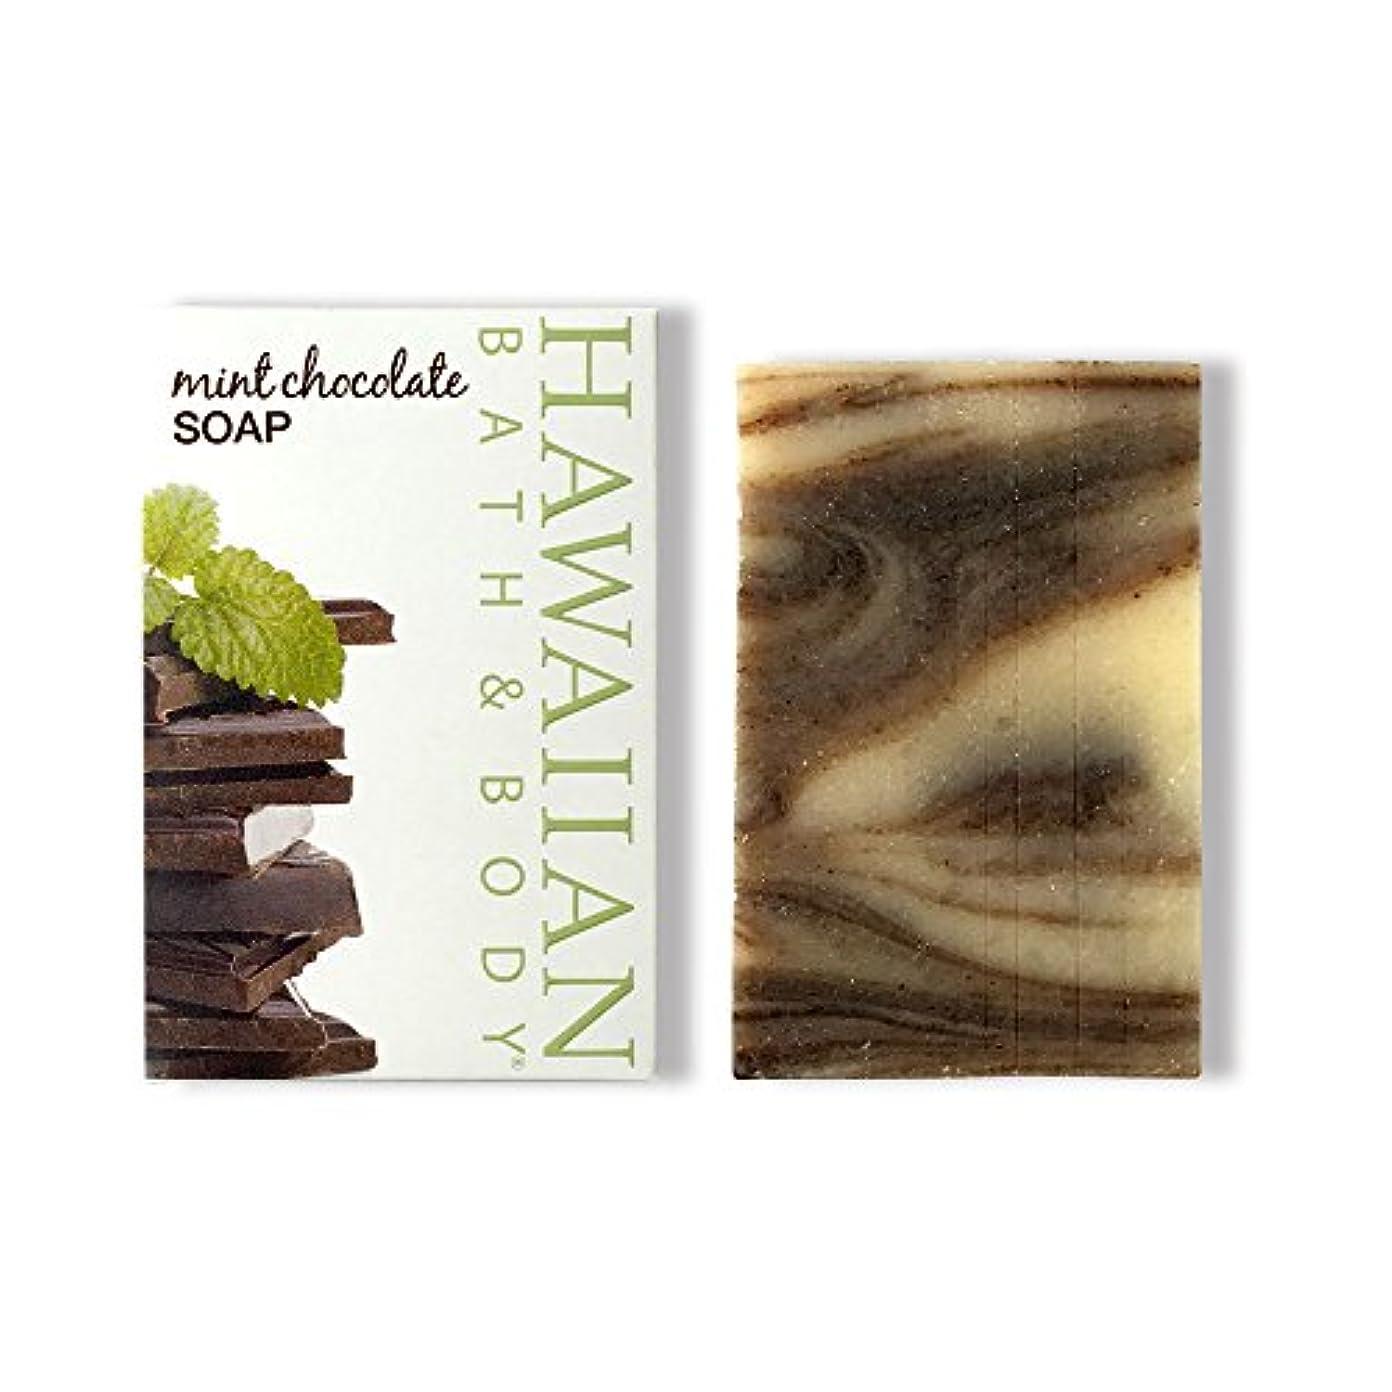 で出来ている欺く写真を撮るハワイアンバス&ボディ ハワイアン?ミントチョコレートソープ ( Hawaii Mint Chocolate Soap )